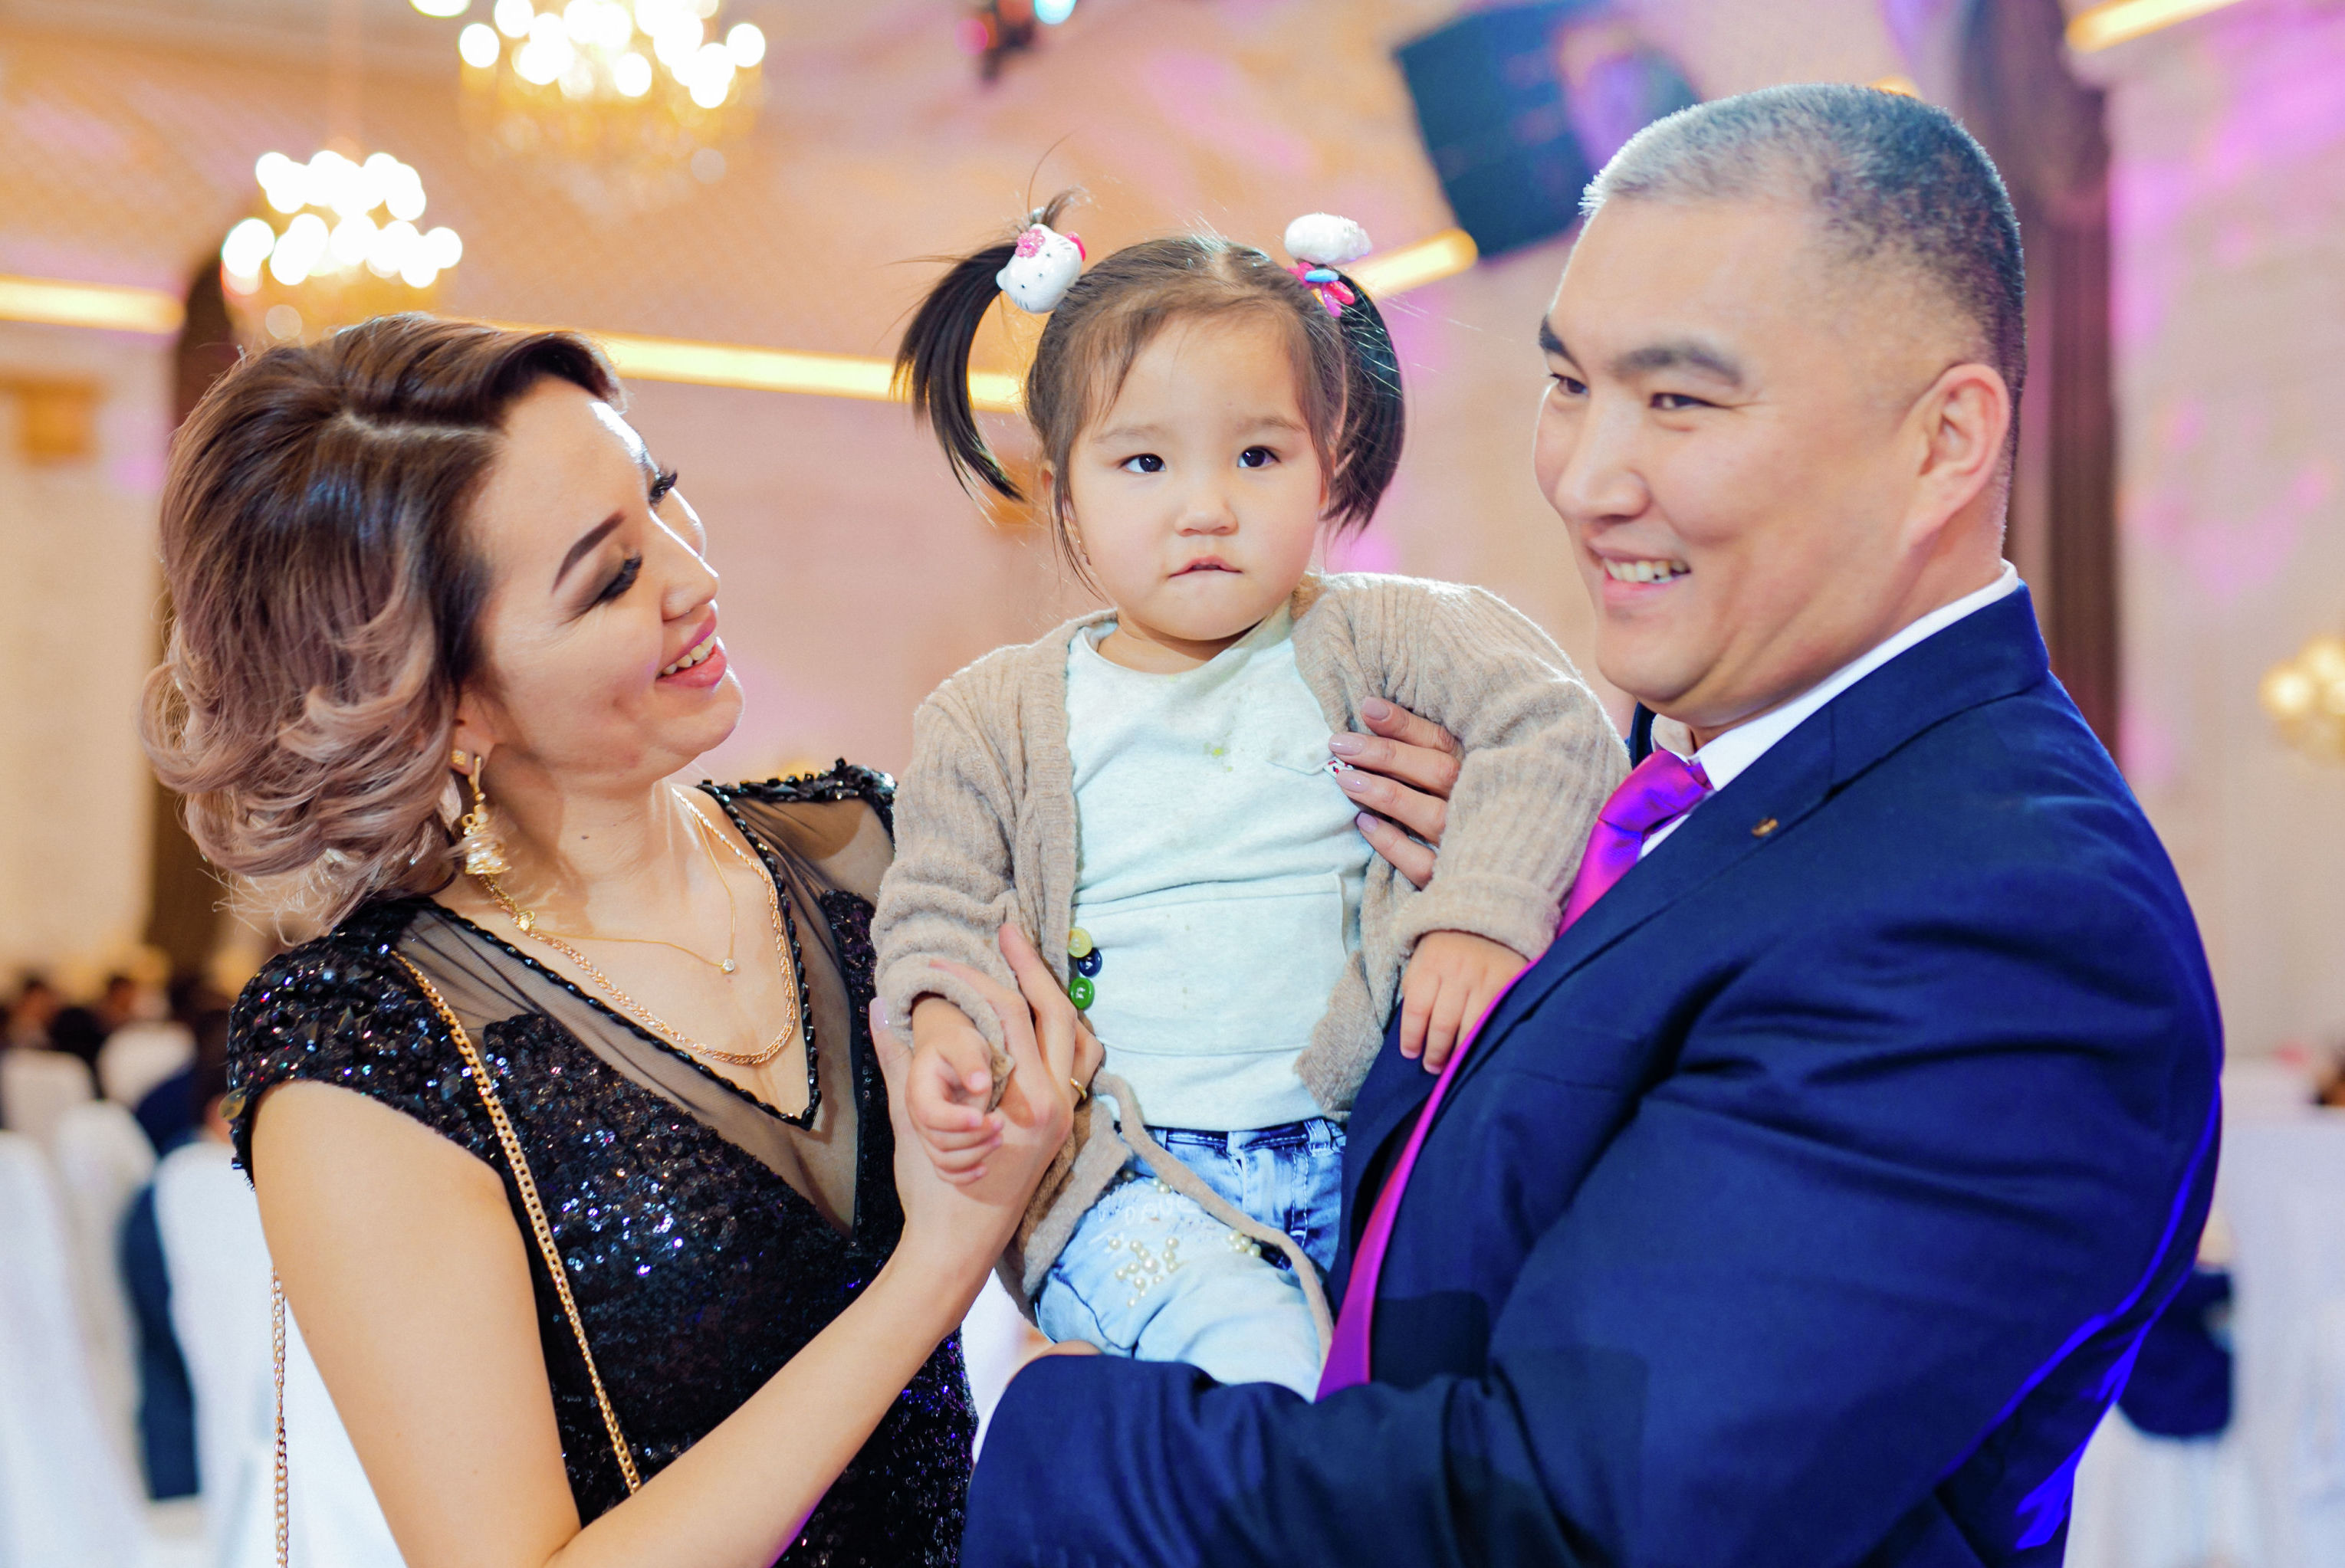 Победительница конкурса красоты Миссис Кыргызстан — 2019 Миргуль Бообекова с семьей